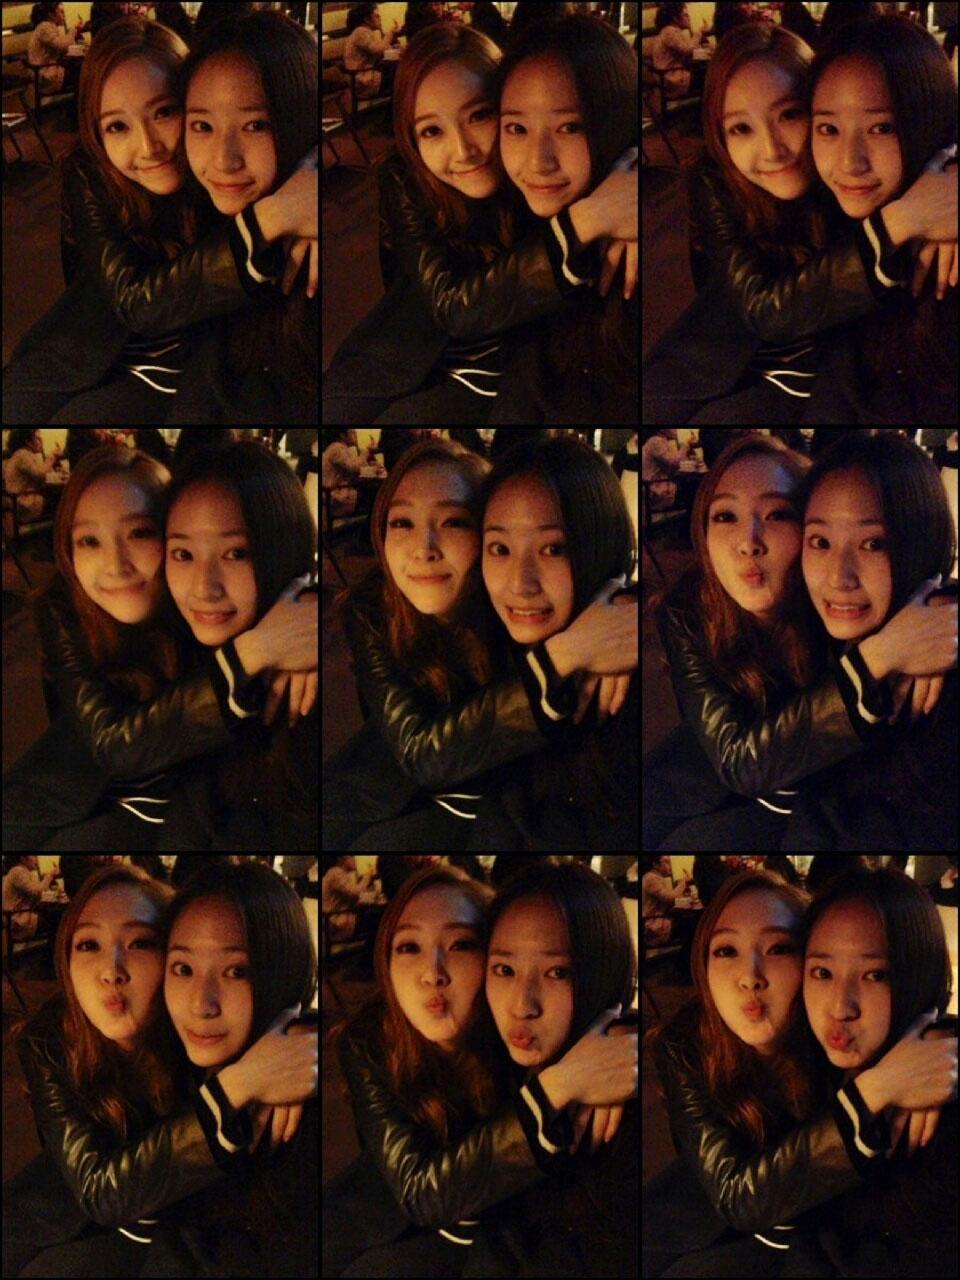 Jessica UFO & Krystal selcas